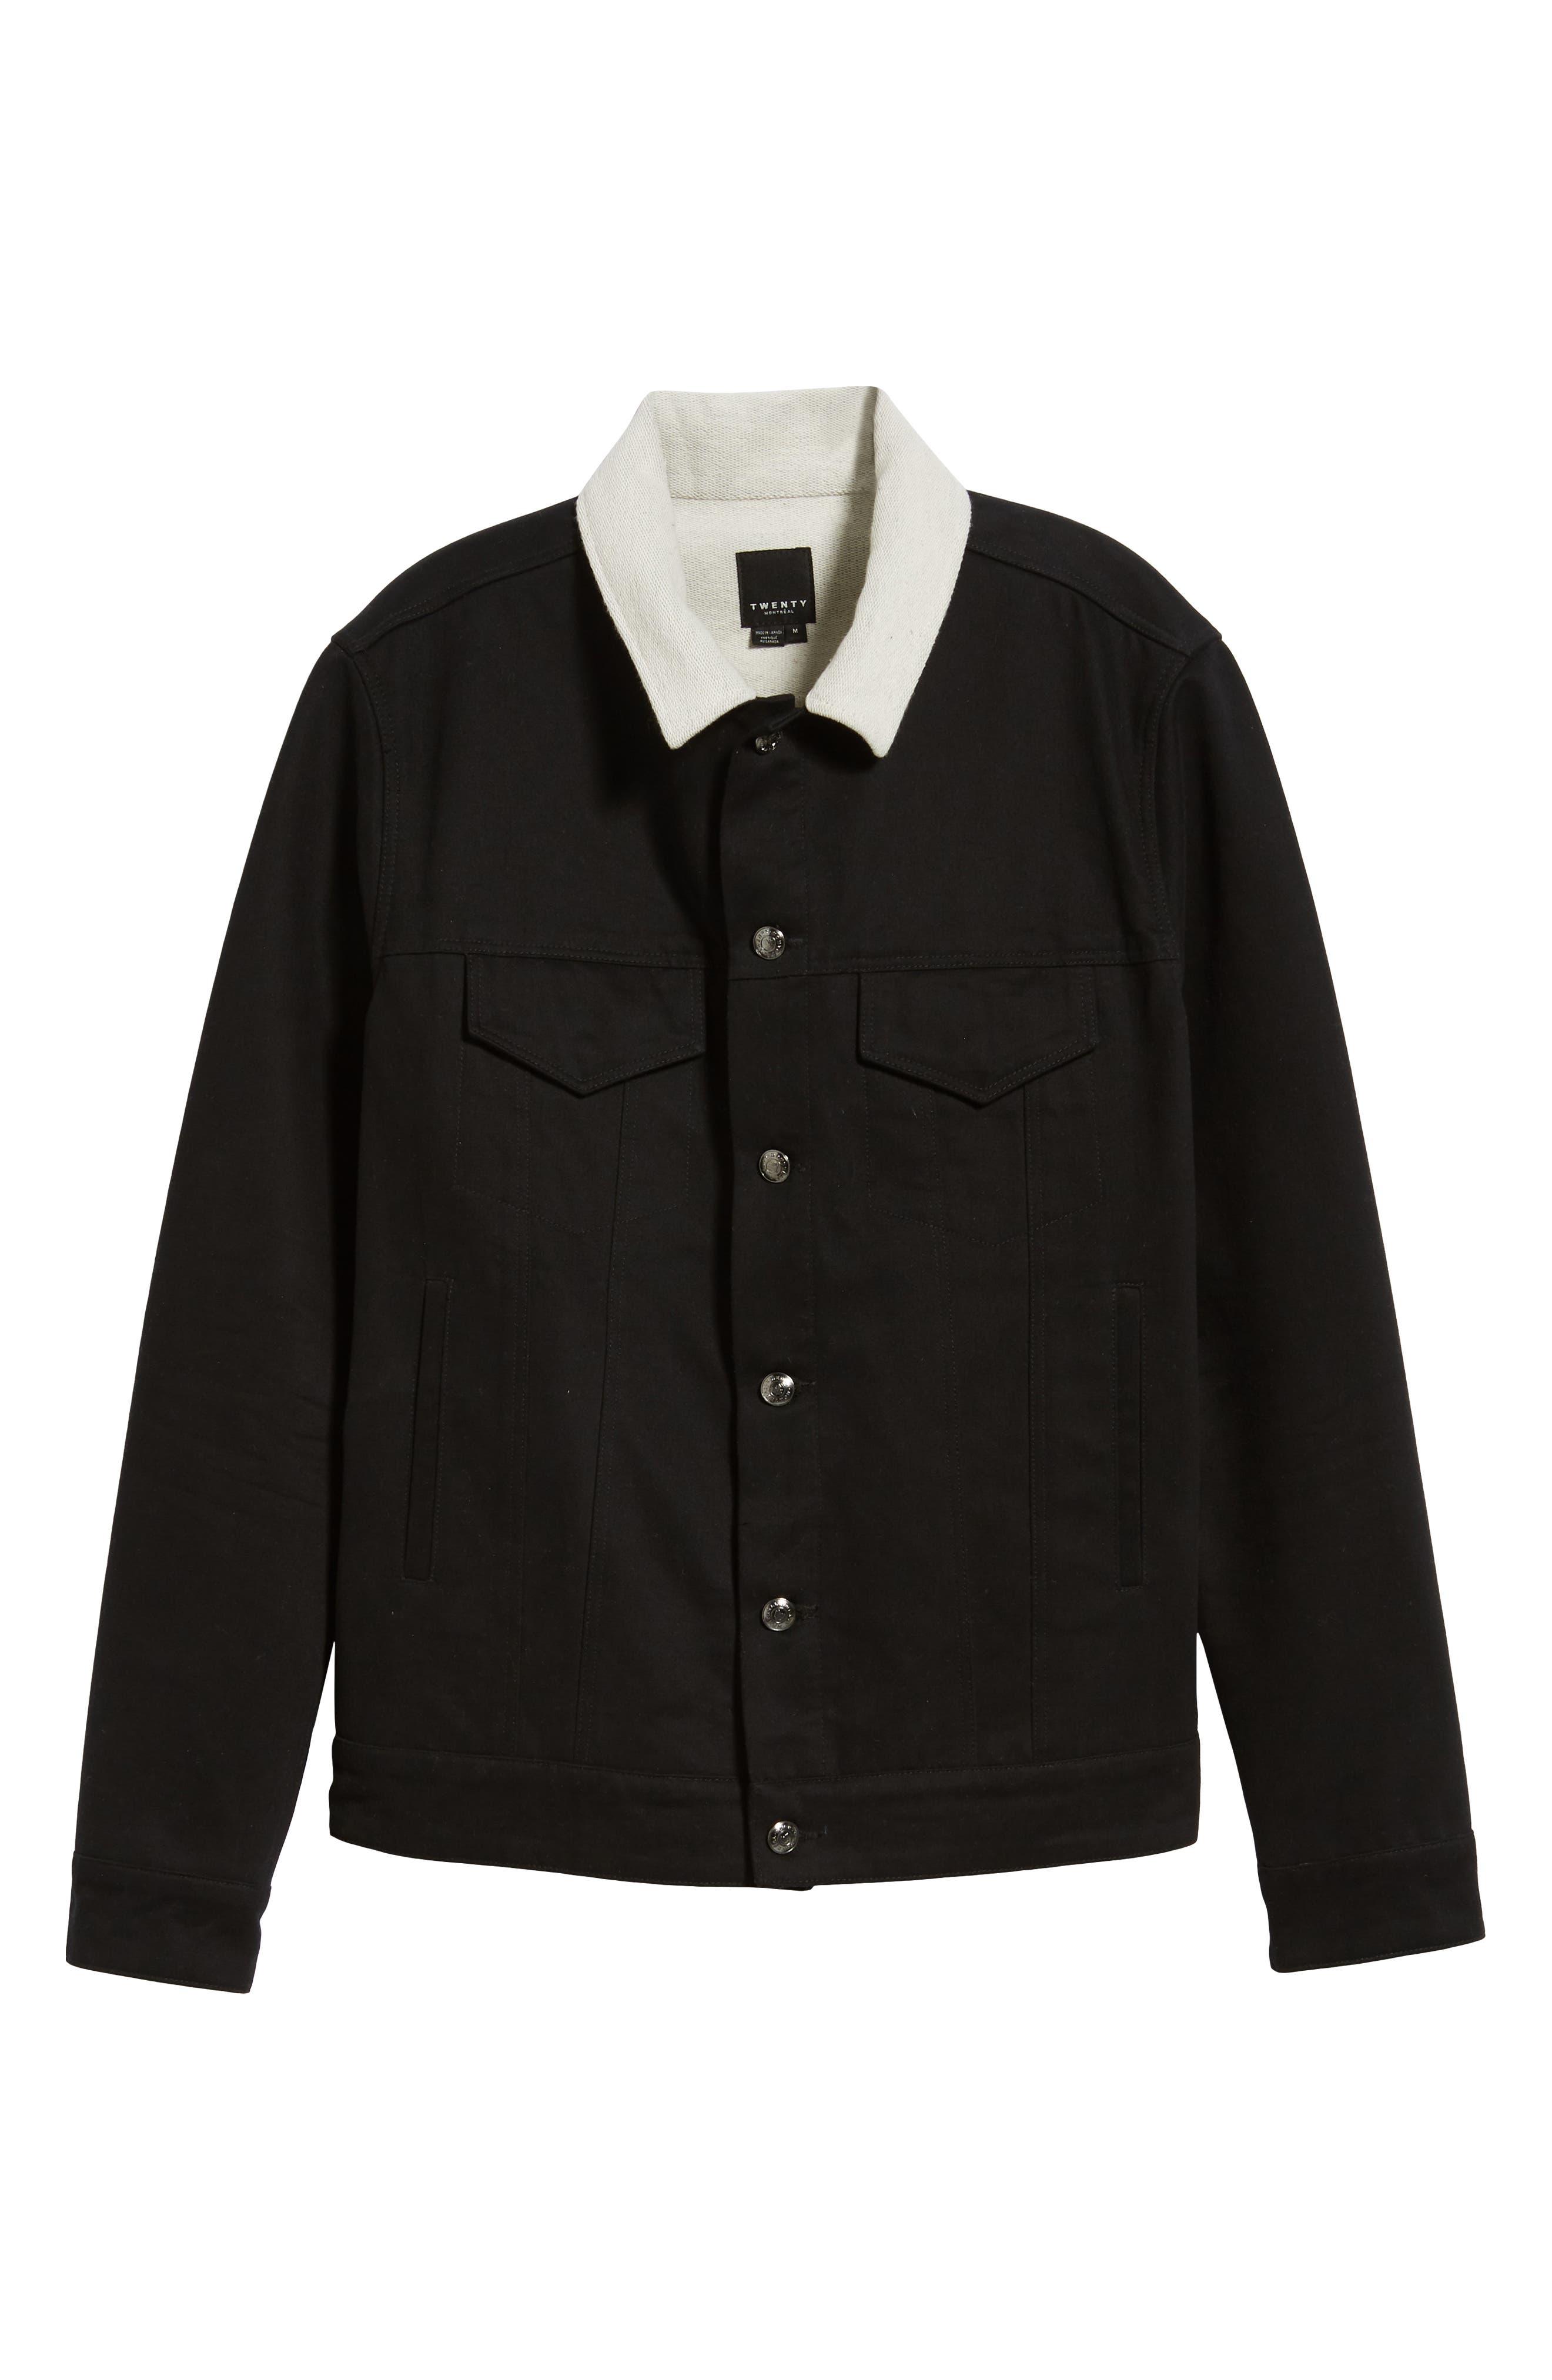 Webster Workman Jacket,                             Alternate thumbnail 6, color,                             BLACK